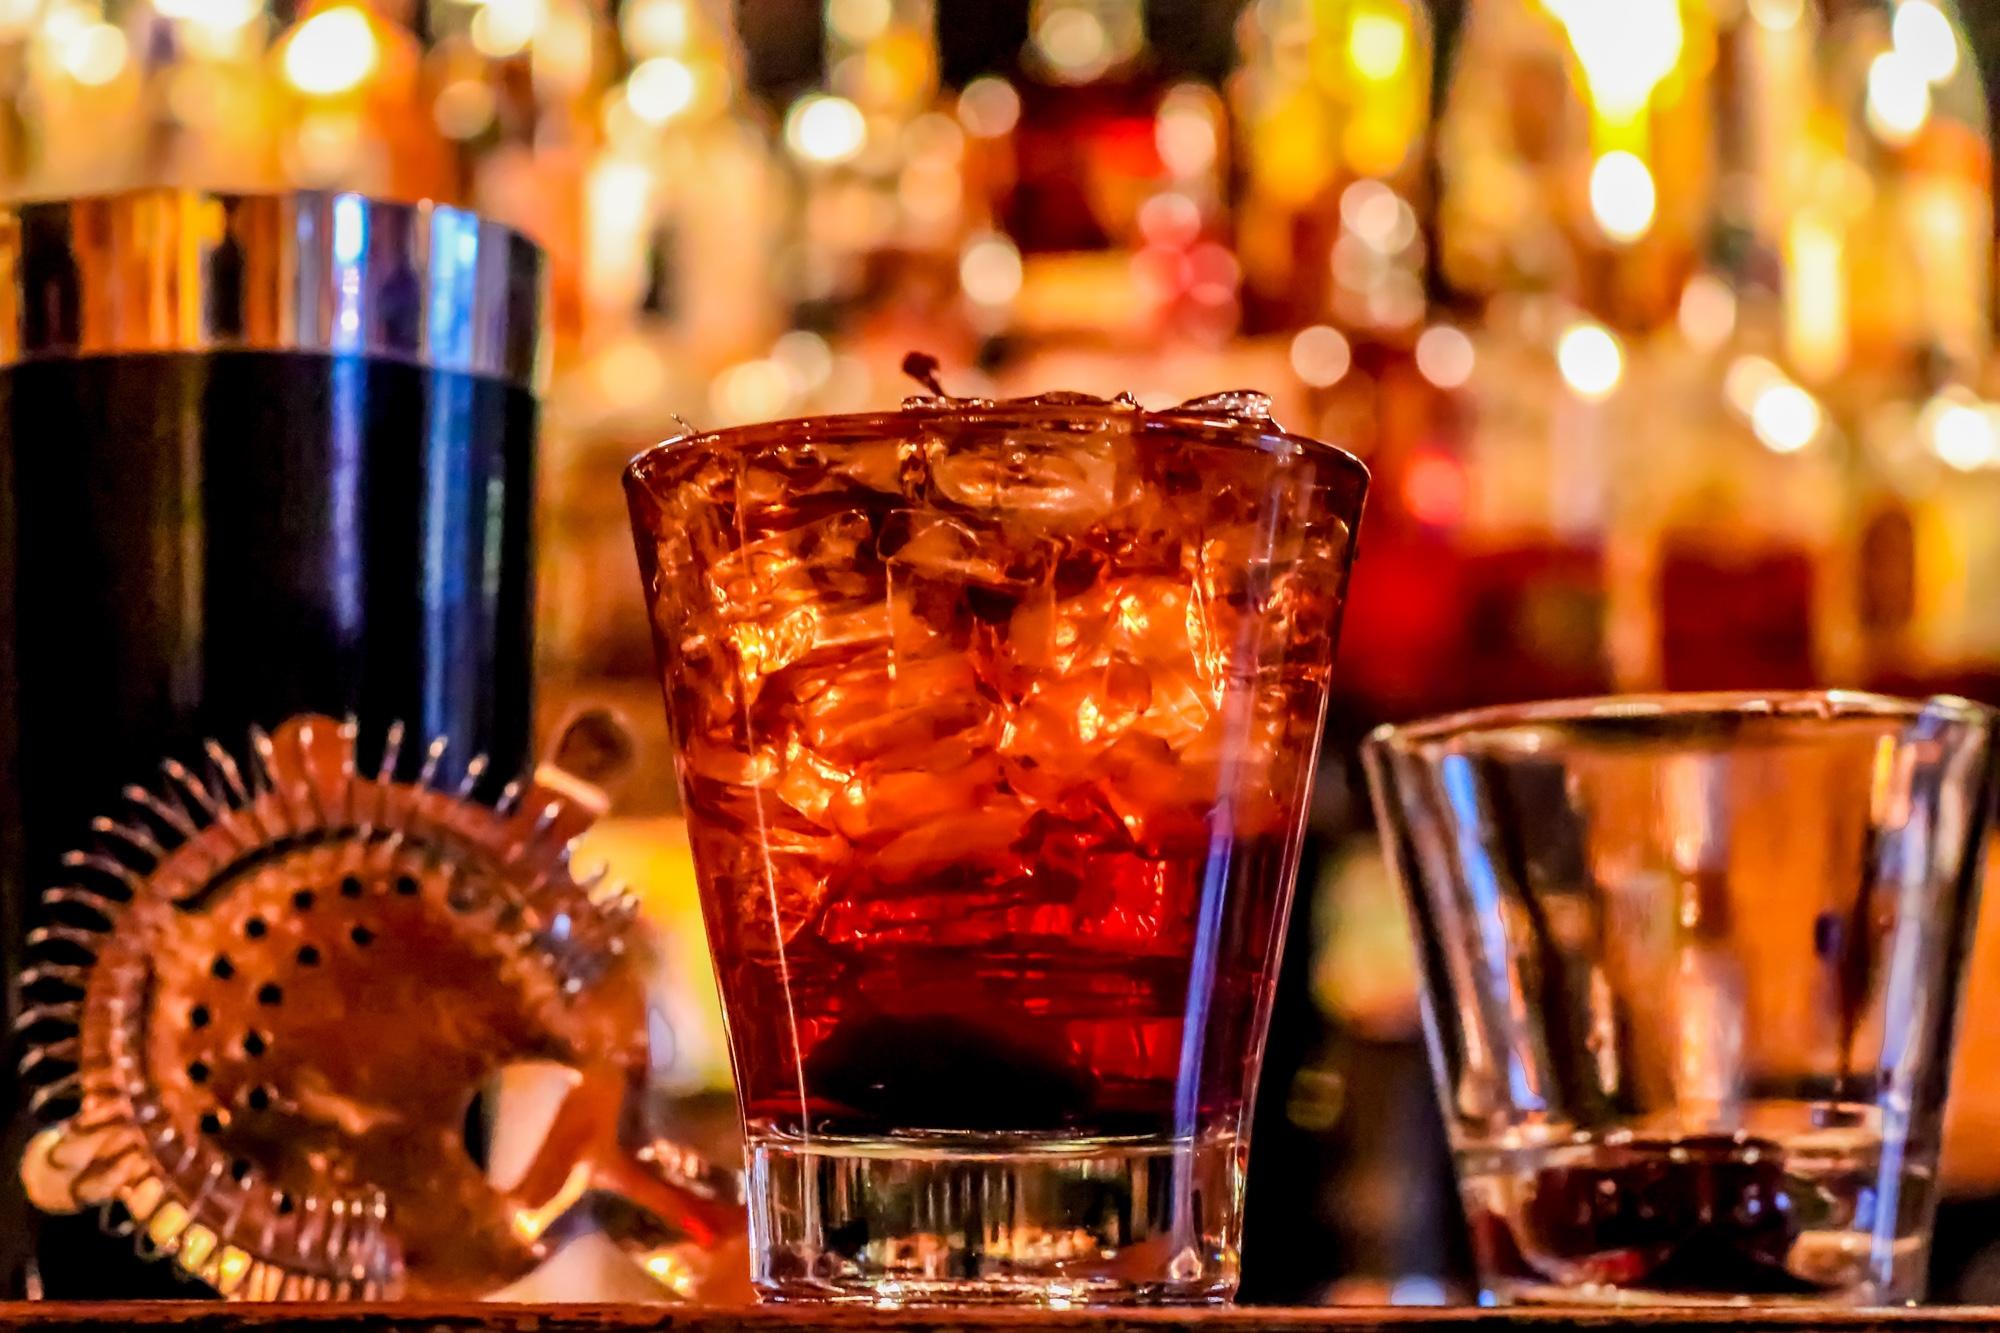 Foto: Gläser mit alkoholischen Getränken in einer Bar